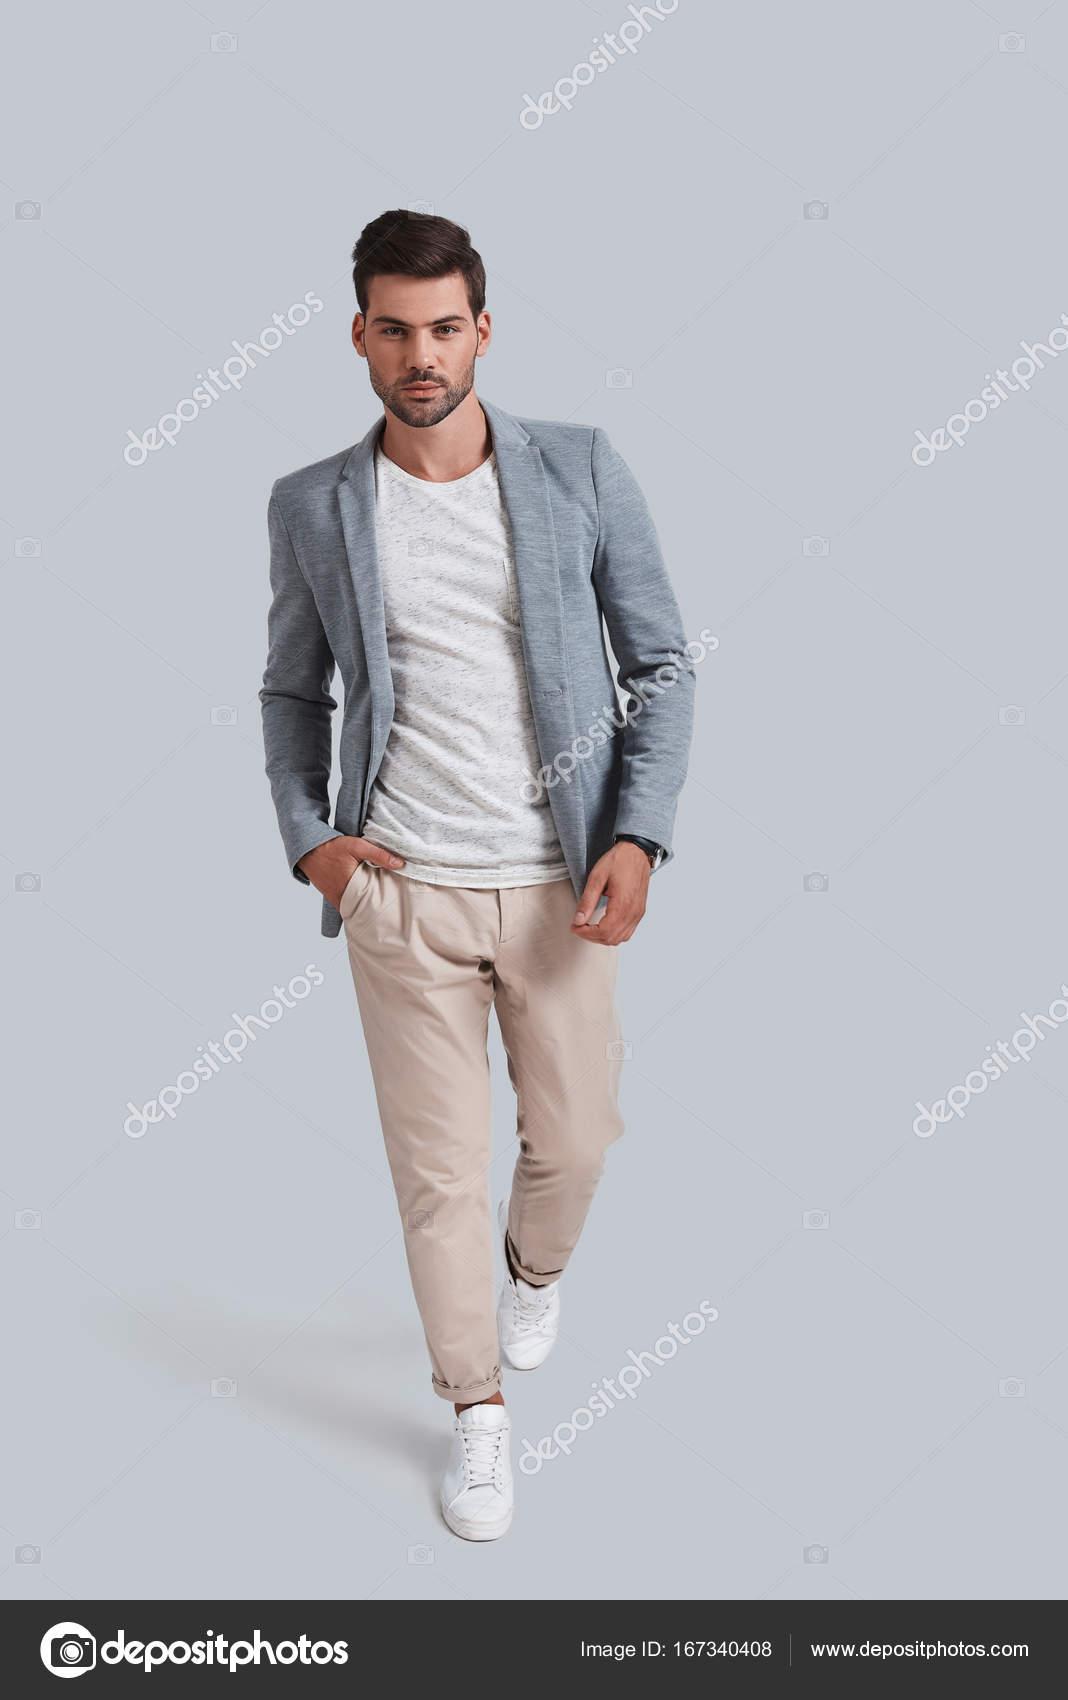 bddf6c96d4ef Uomo bello in abbigliamento casual — Foto Stock © gstockstudio ...